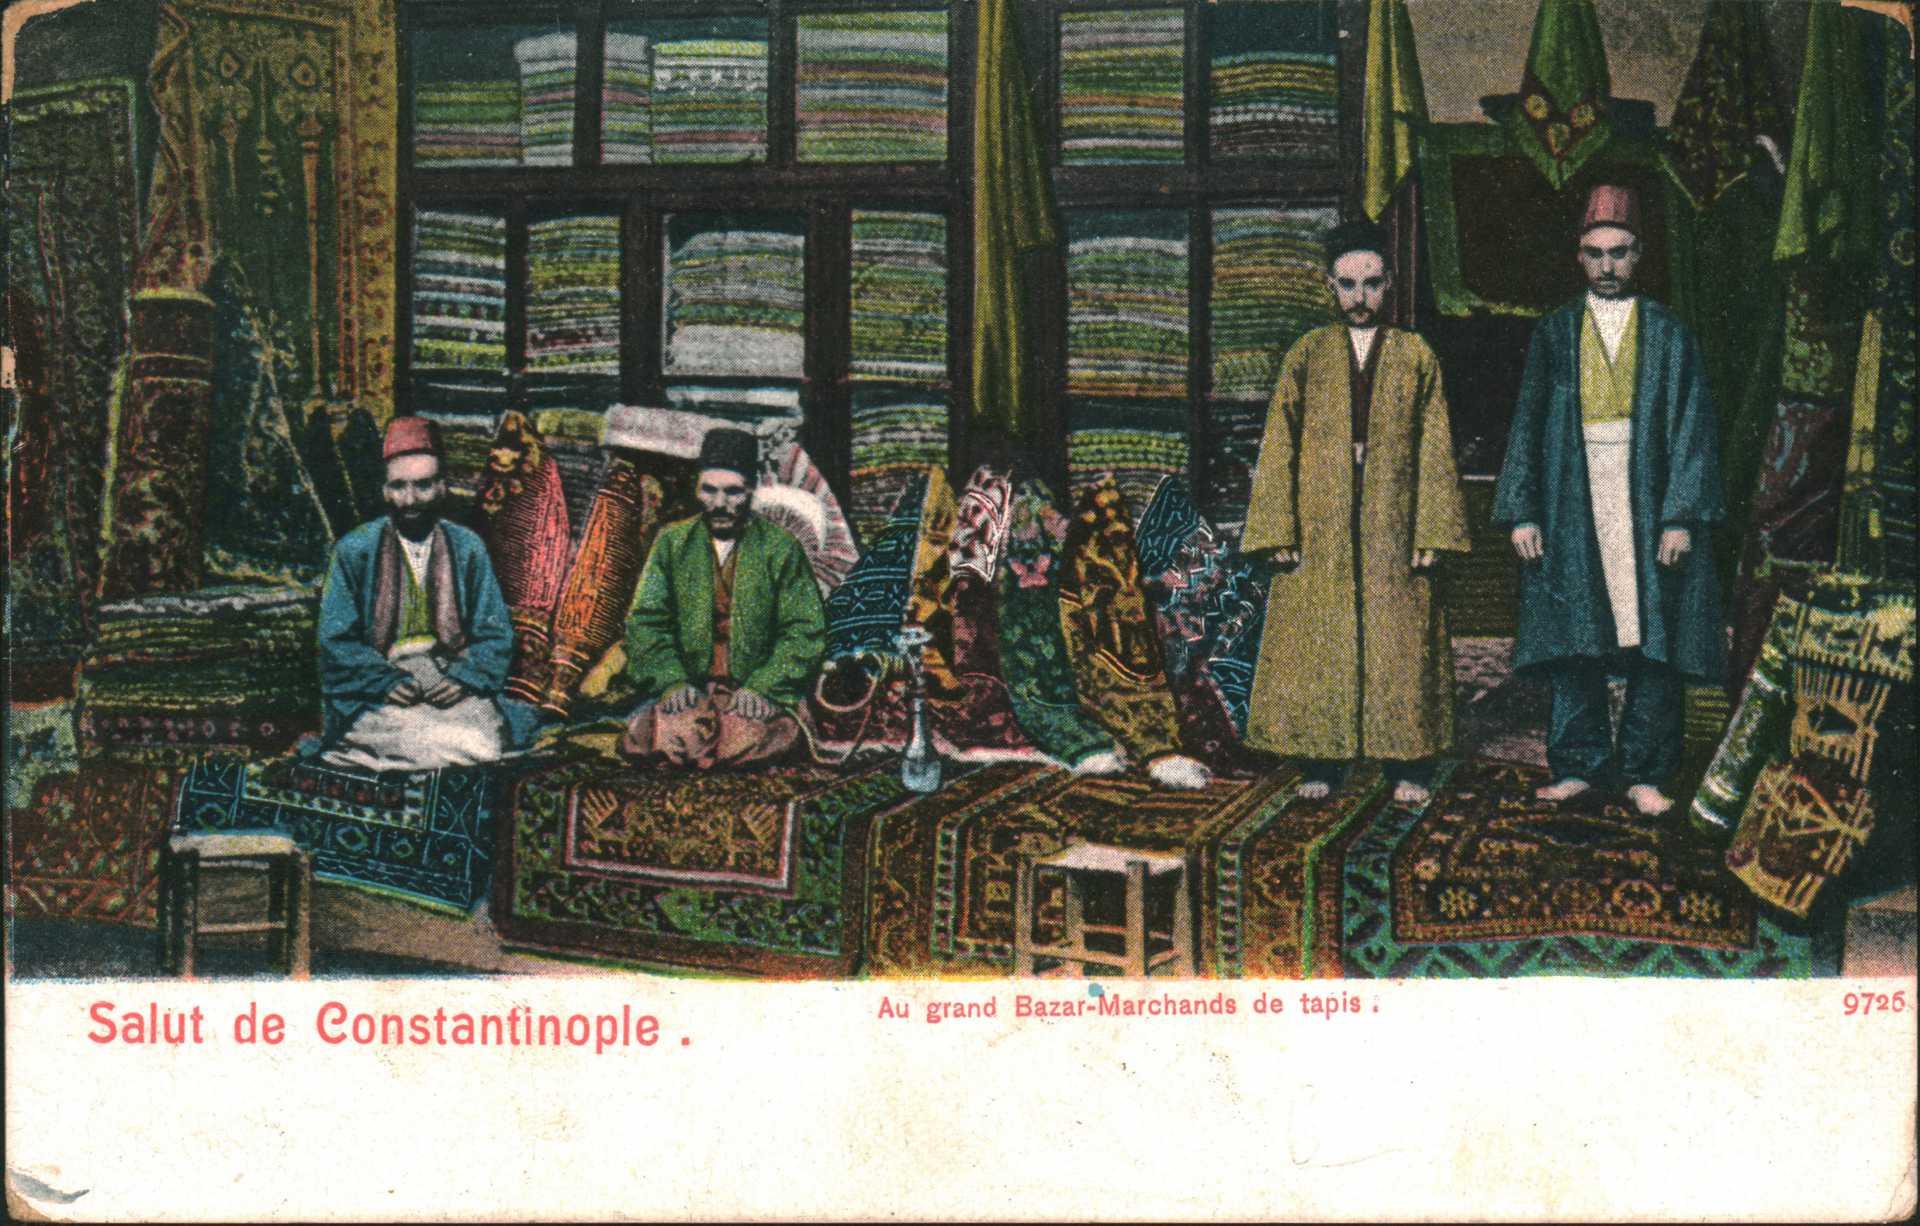 Salut de Constantinople. Au grand Bazar-Marchands de tapis